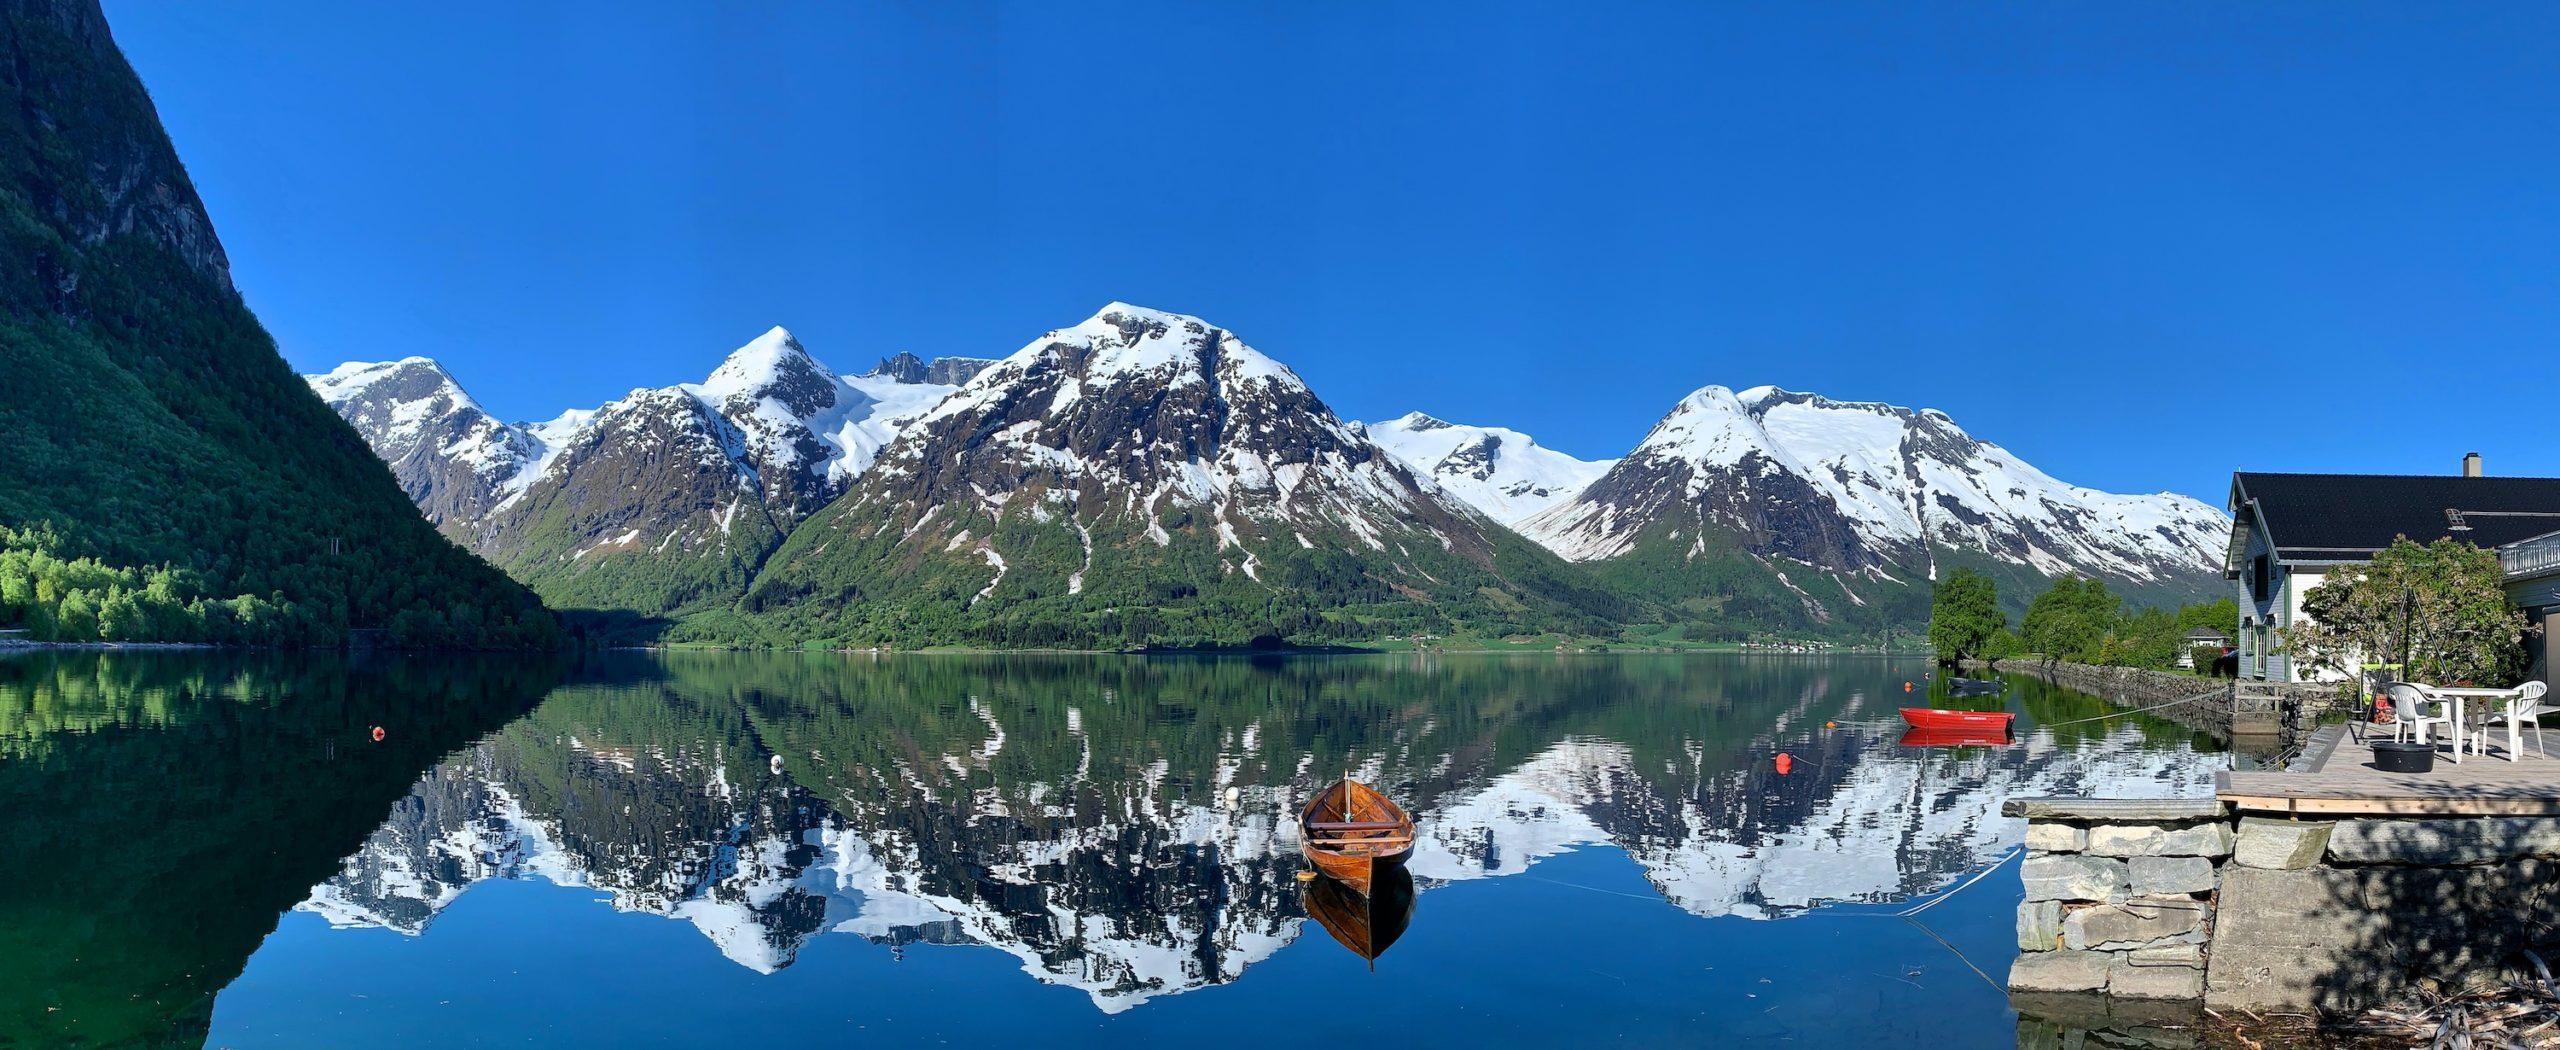 FJORDS NORWAY - Hjelle in Oppstryn, towards Lake Oppstrynsvatnet. Nordfjord in Vestland, Norway.